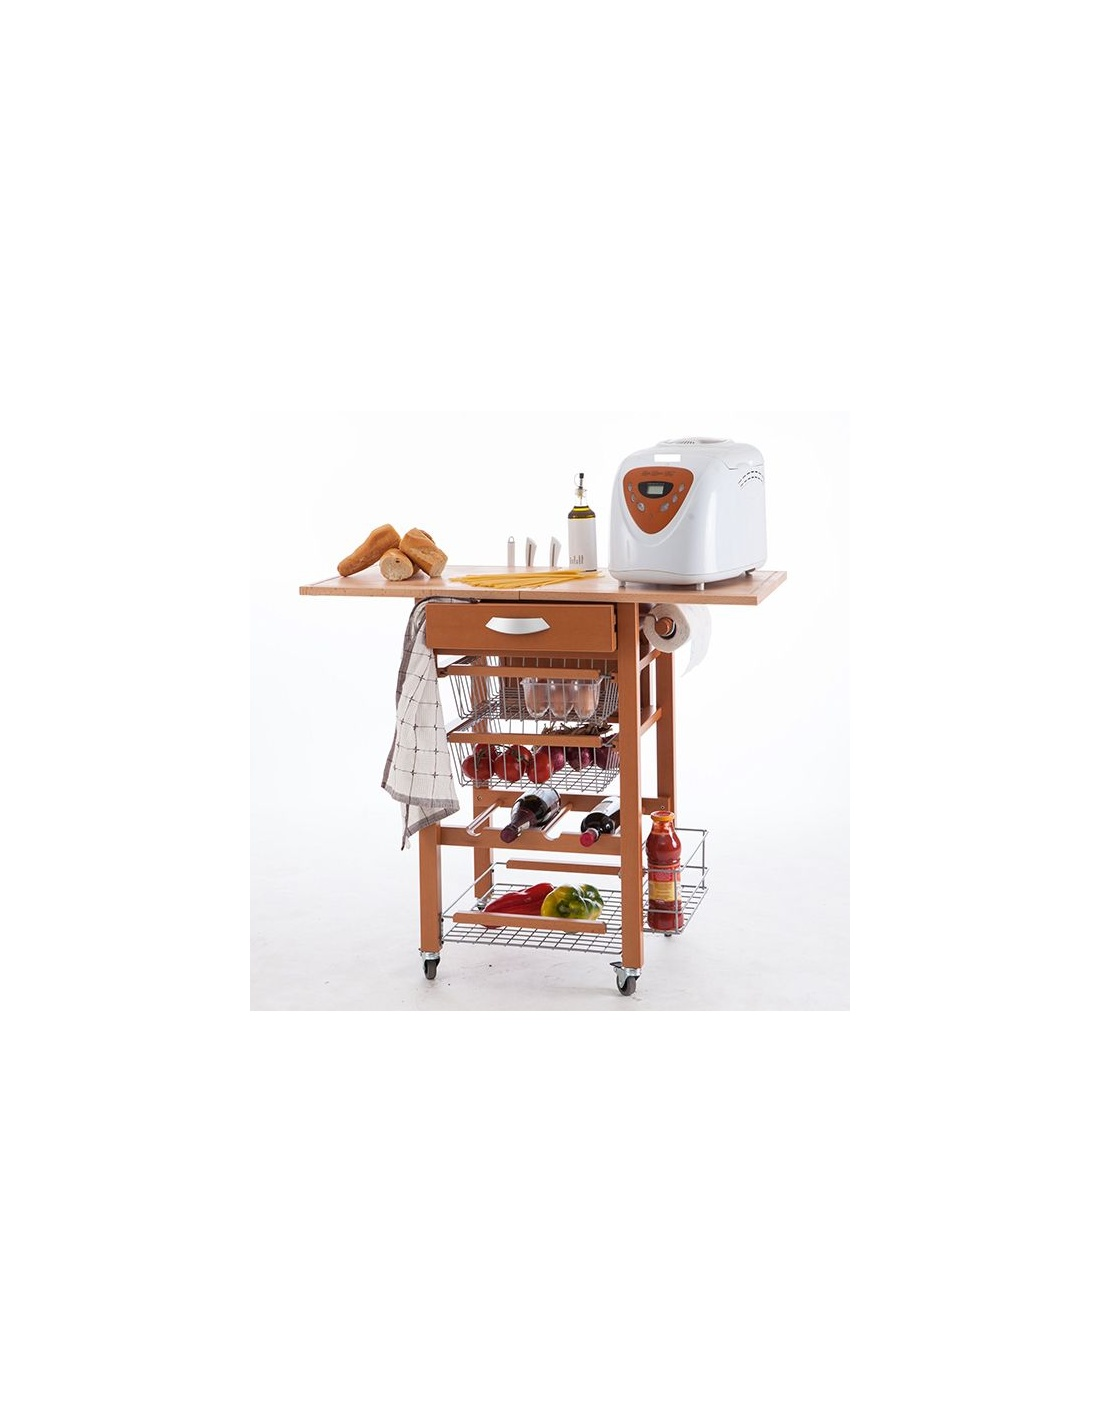 Carrello da cucina in legno modello gastone 585 di for Stendibiancheria arredamenti italia